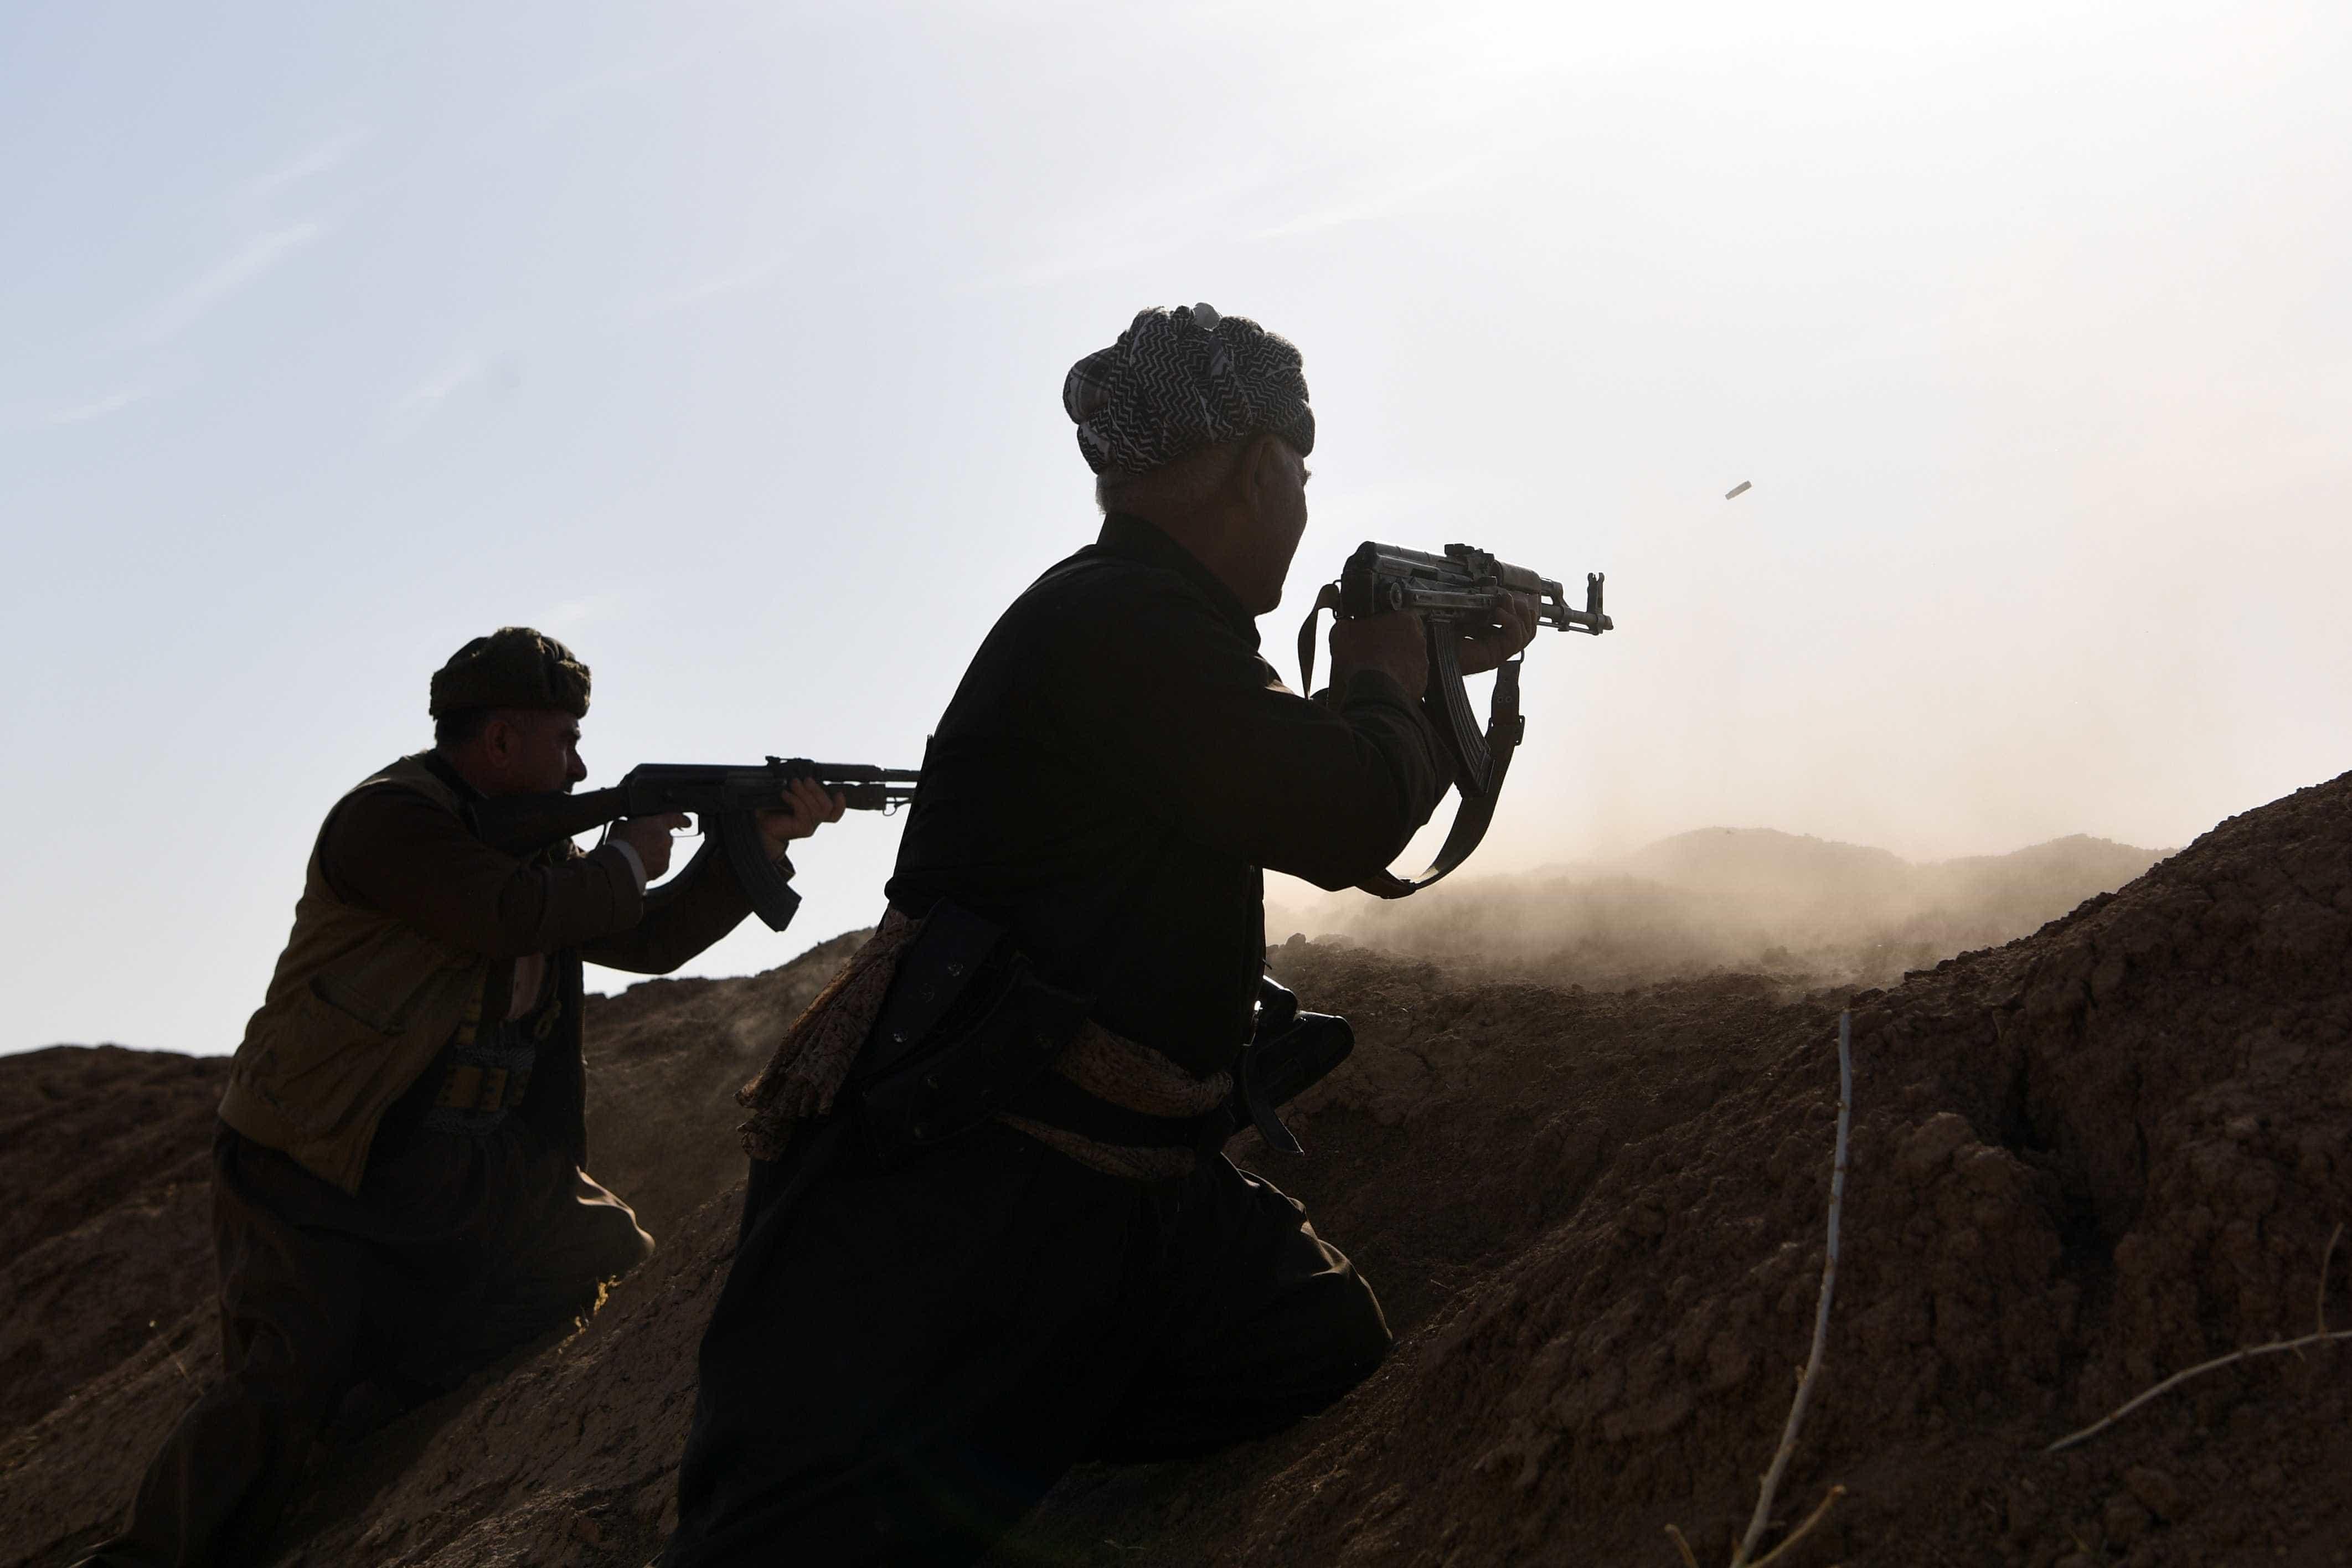 Revelada identidade da voz americana que narrava os vídeos do Daesh